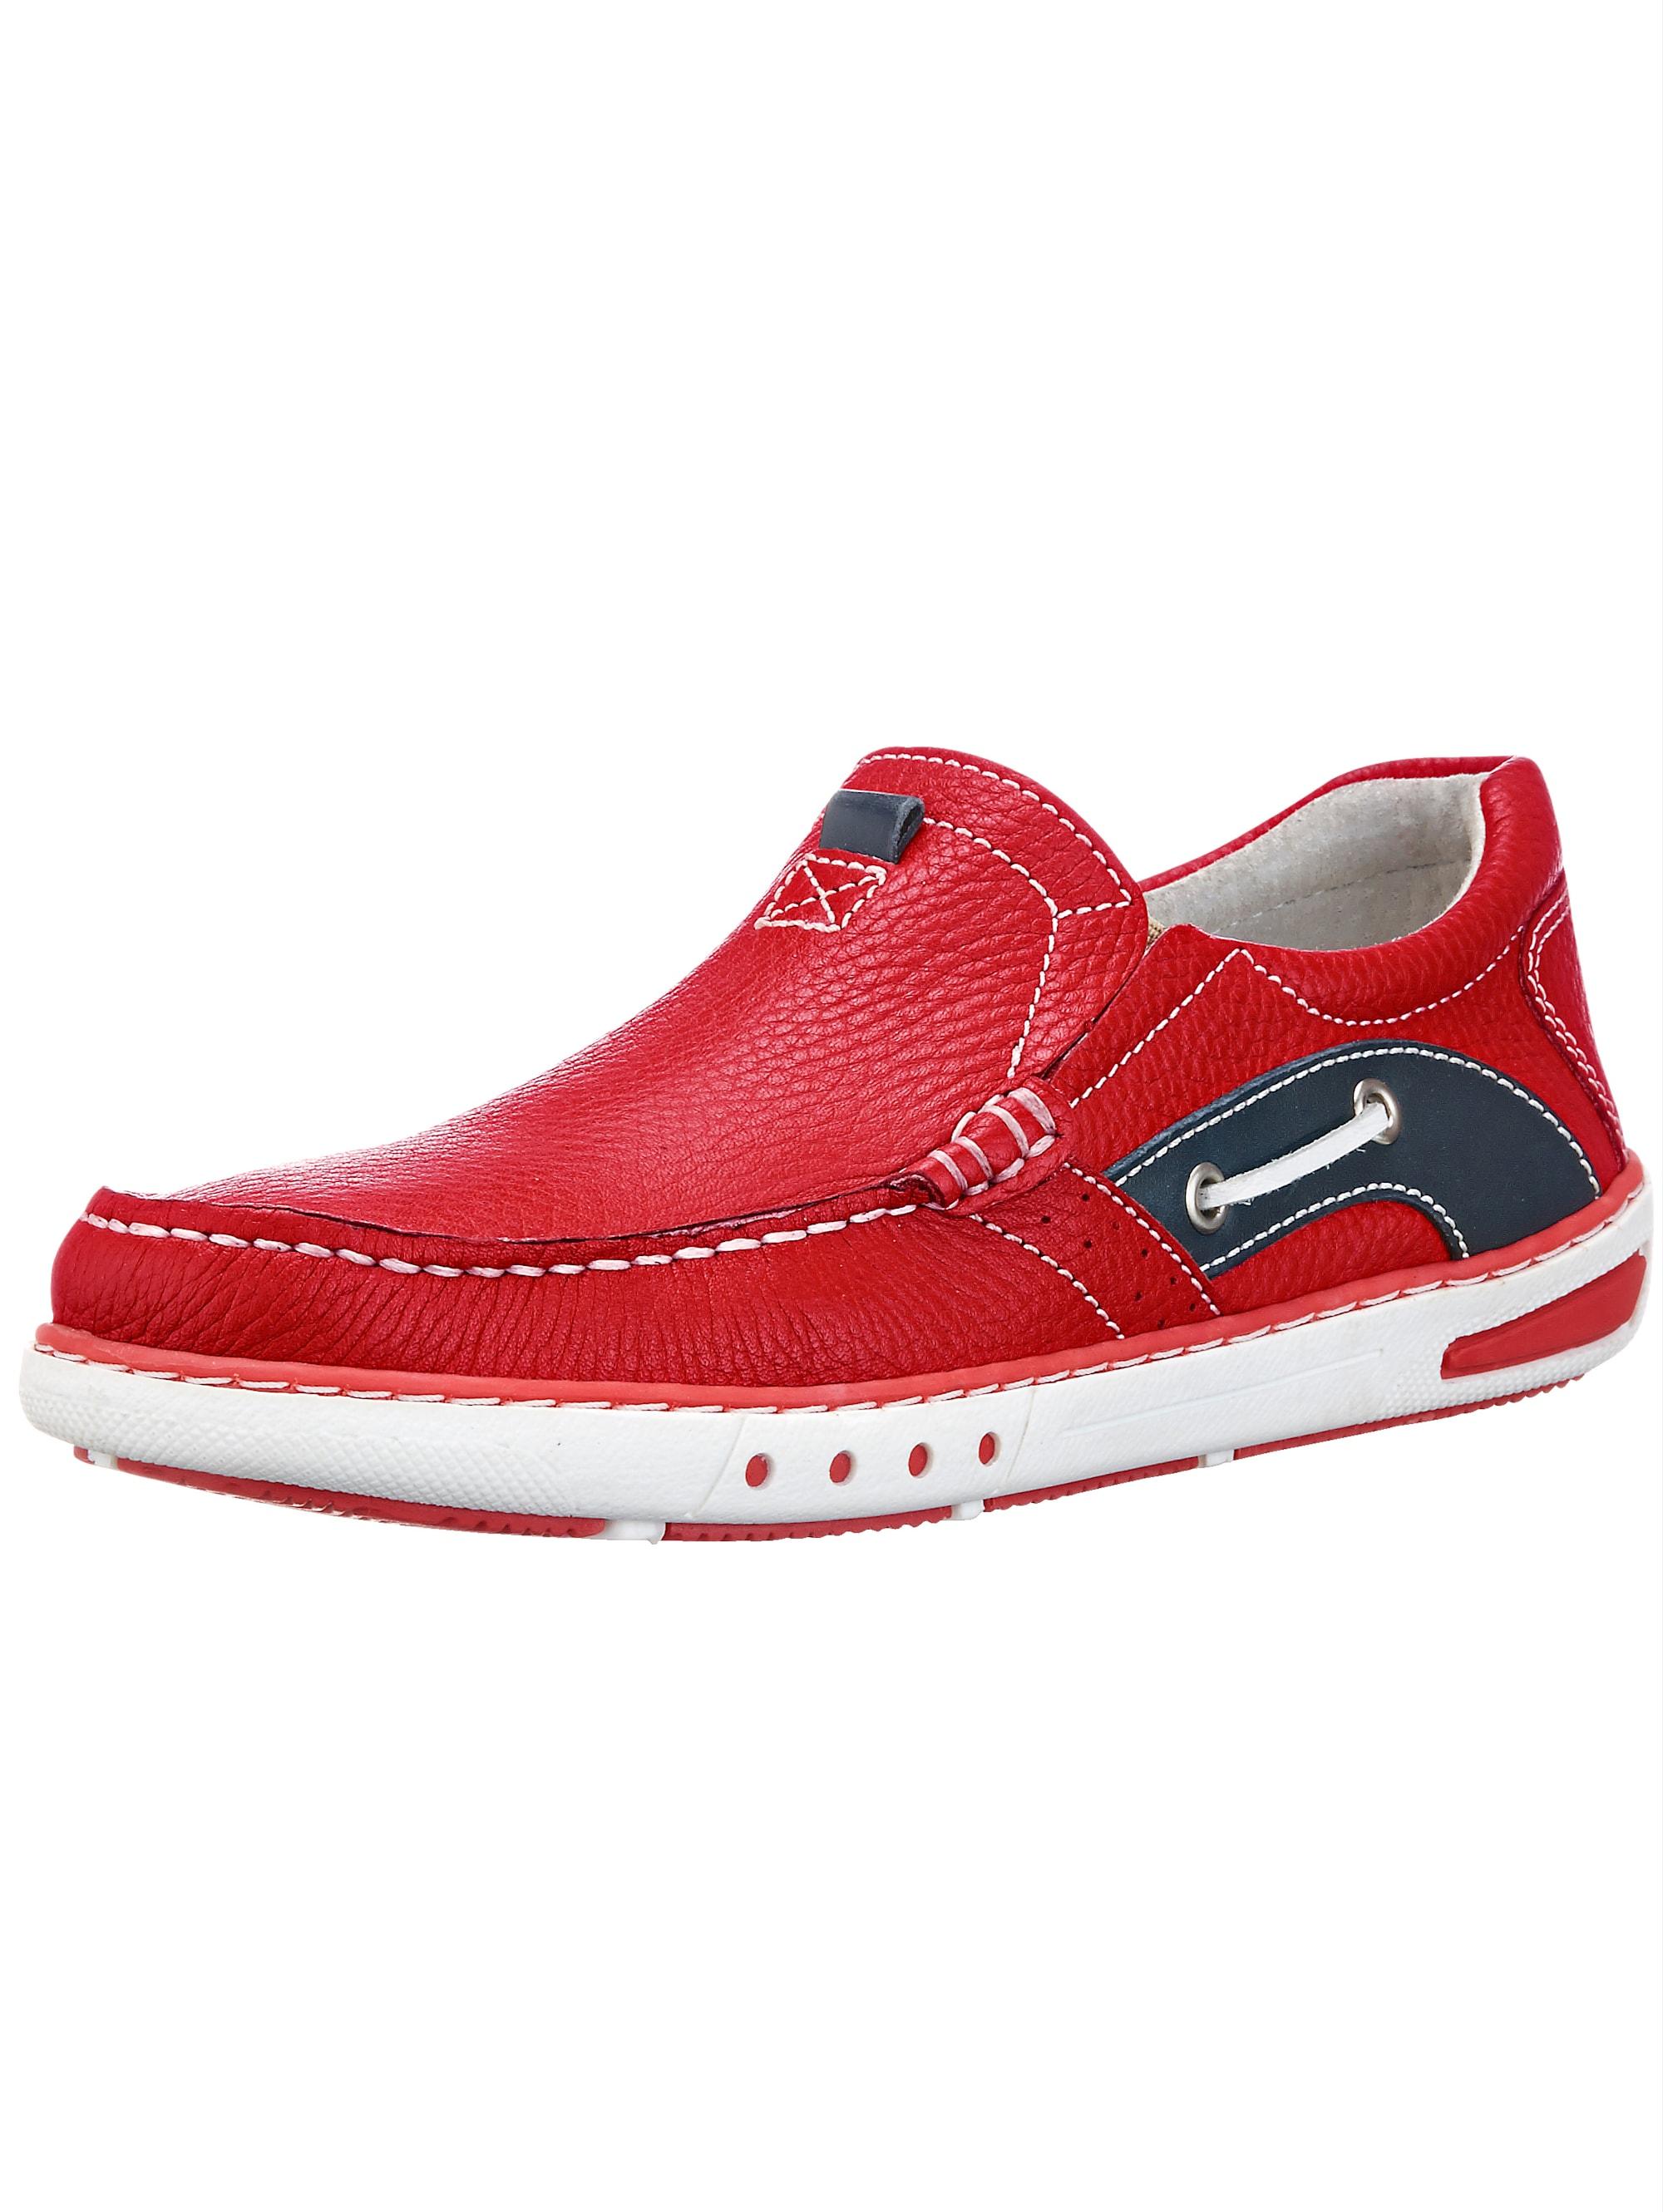 Roger Kent Slipper, im Bootsschuh Stil rot Herren Slipper Sneaker